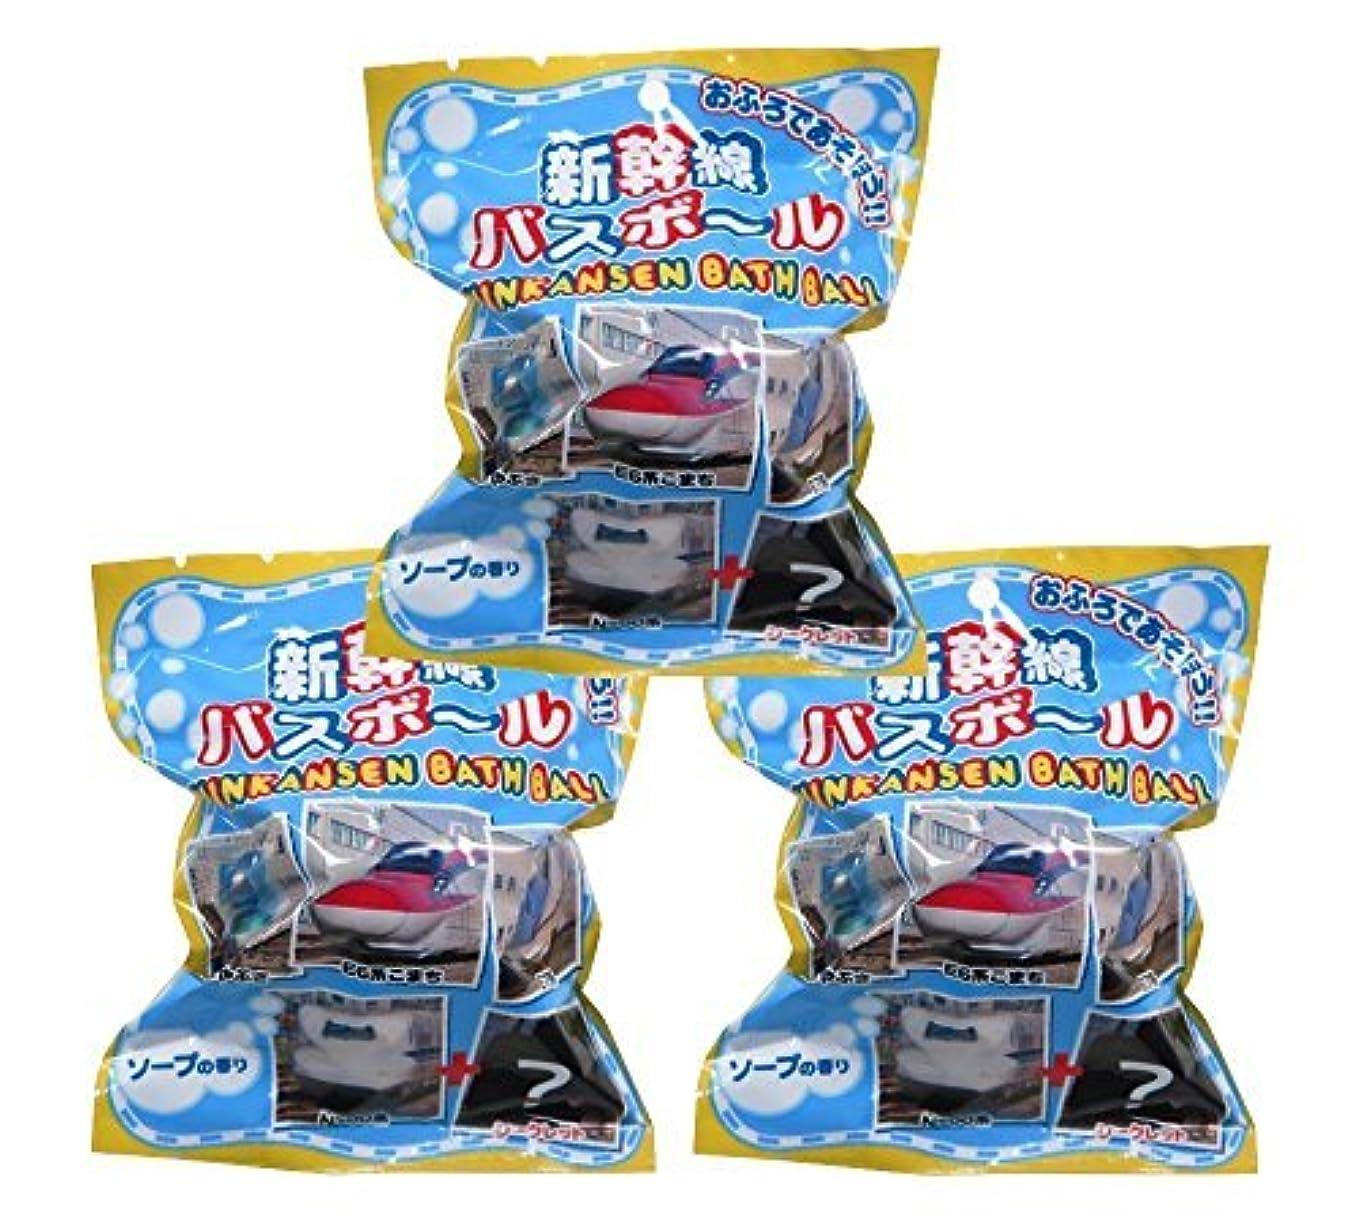 女の子人差し指適応JR新幹線 入浴剤 マスコットが飛び出るバスボール 3個セット